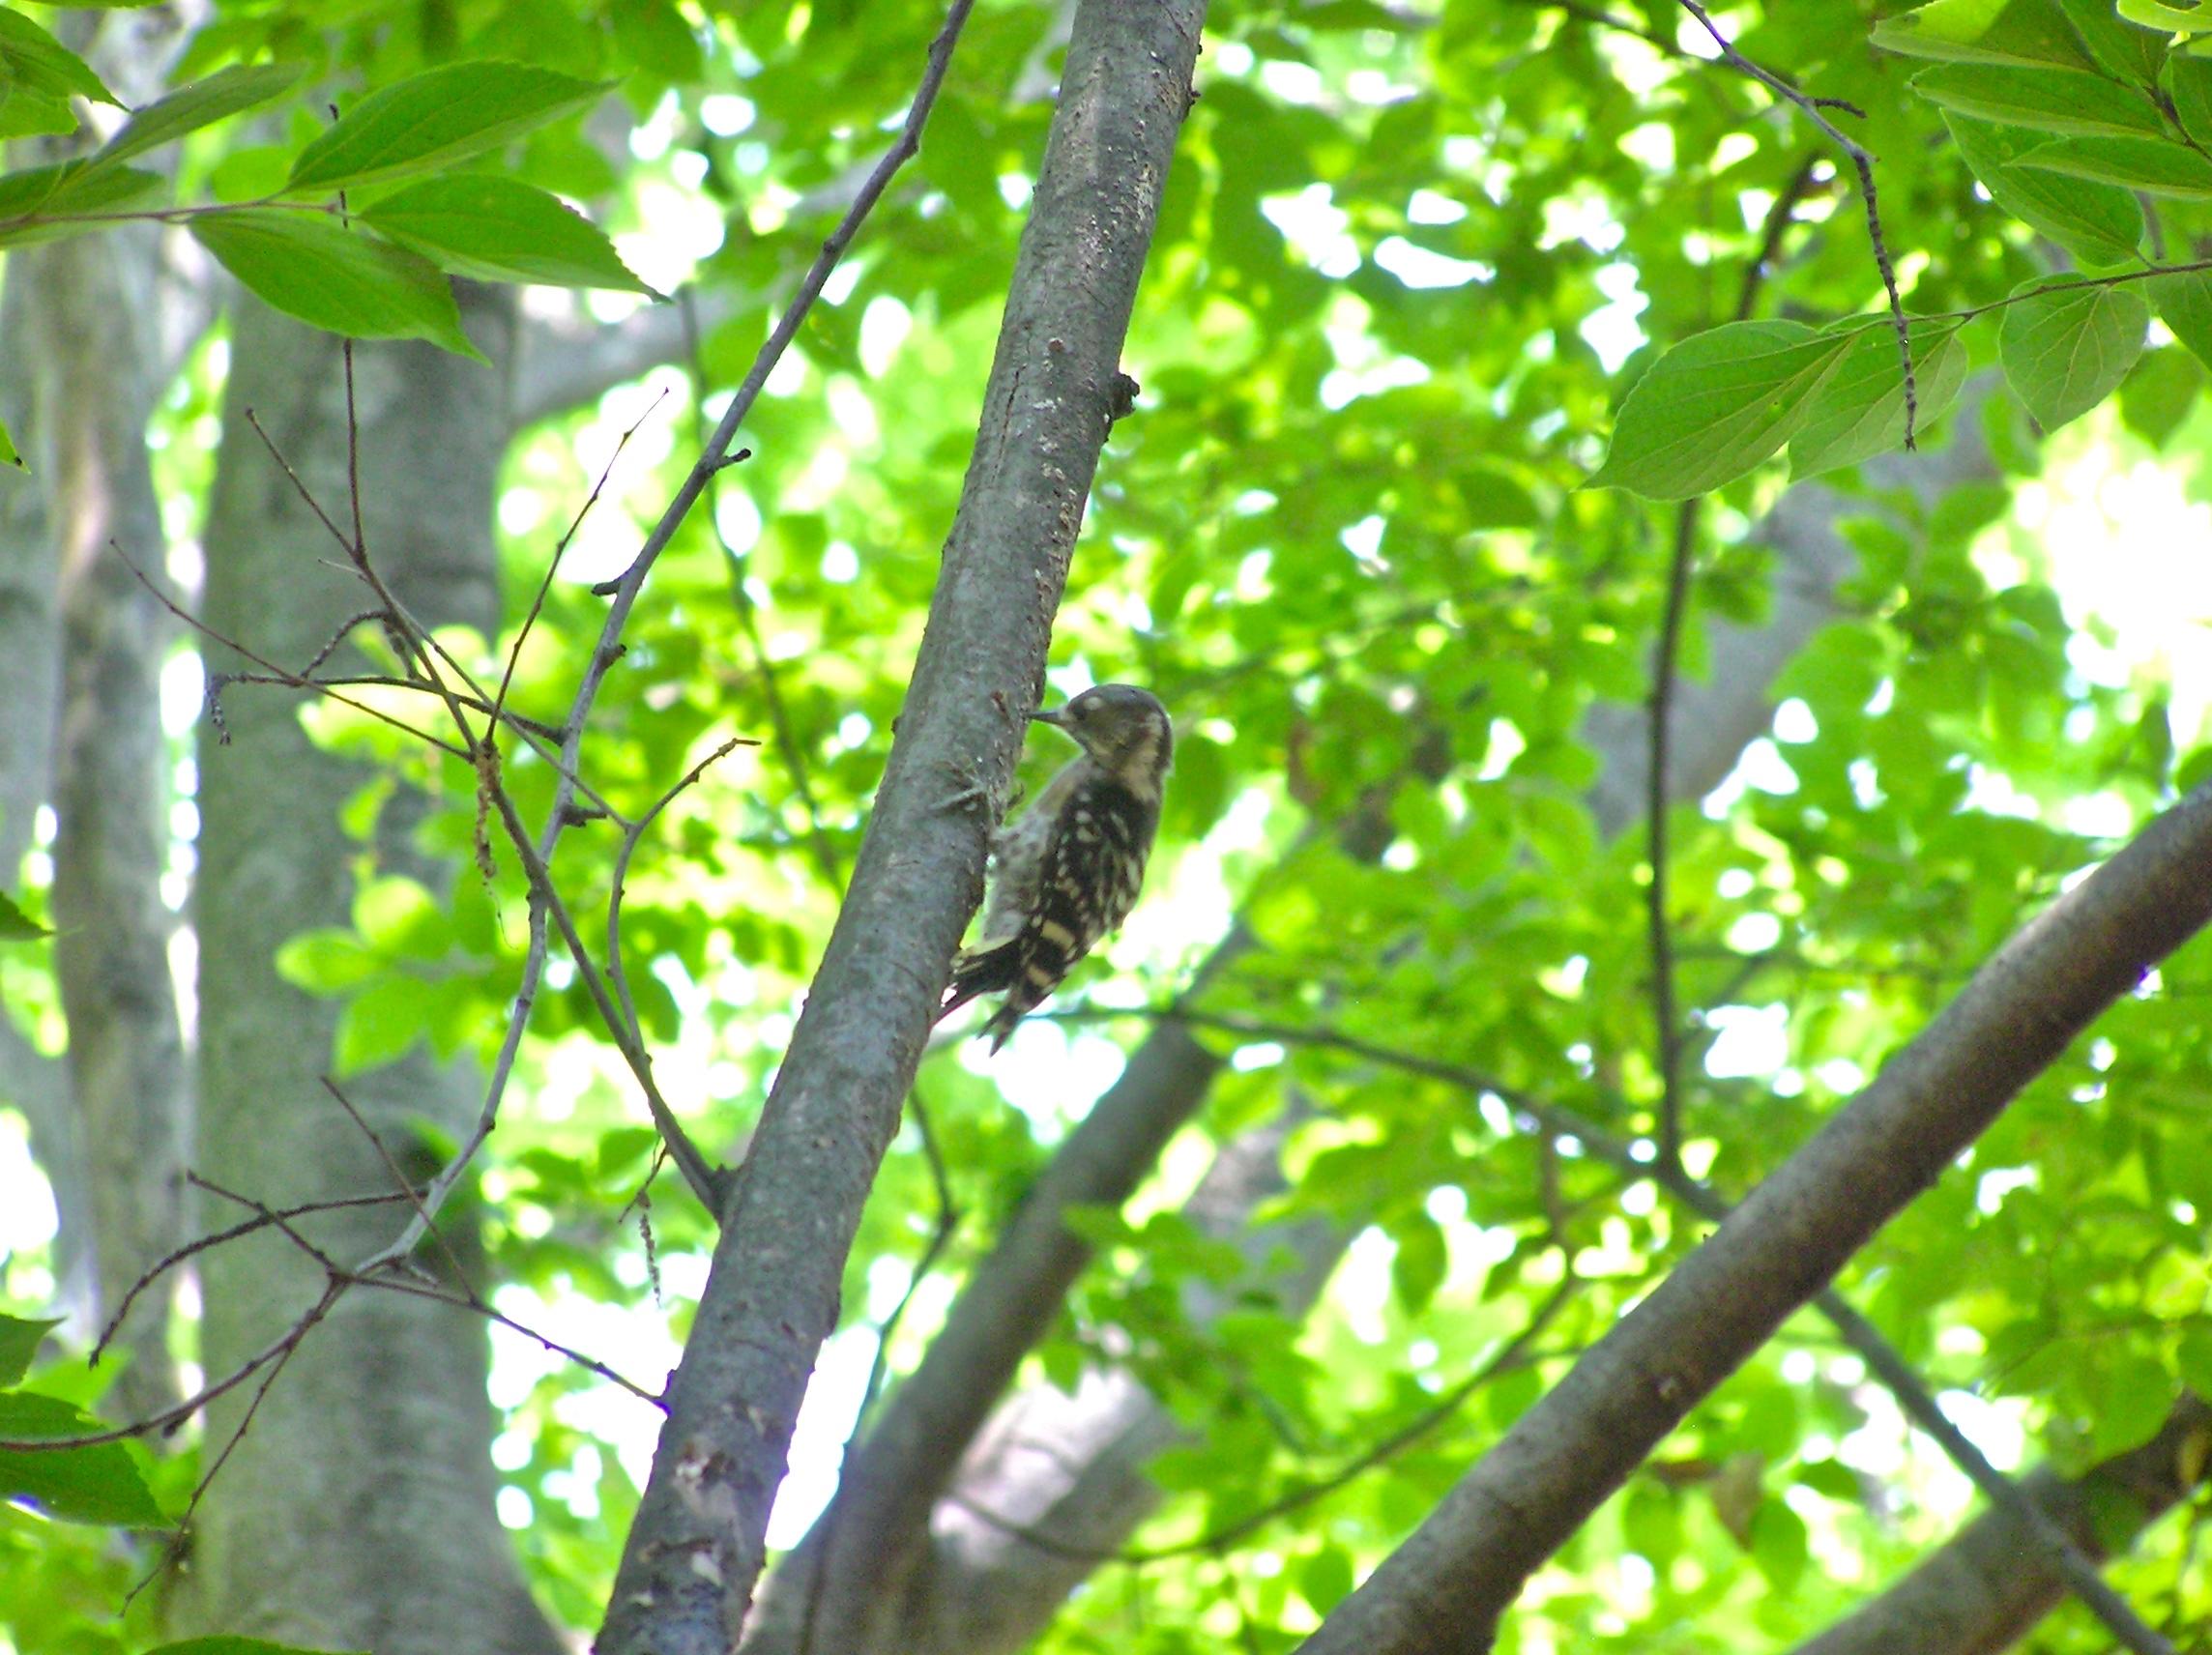 コゲラも木陰を求めているようです。